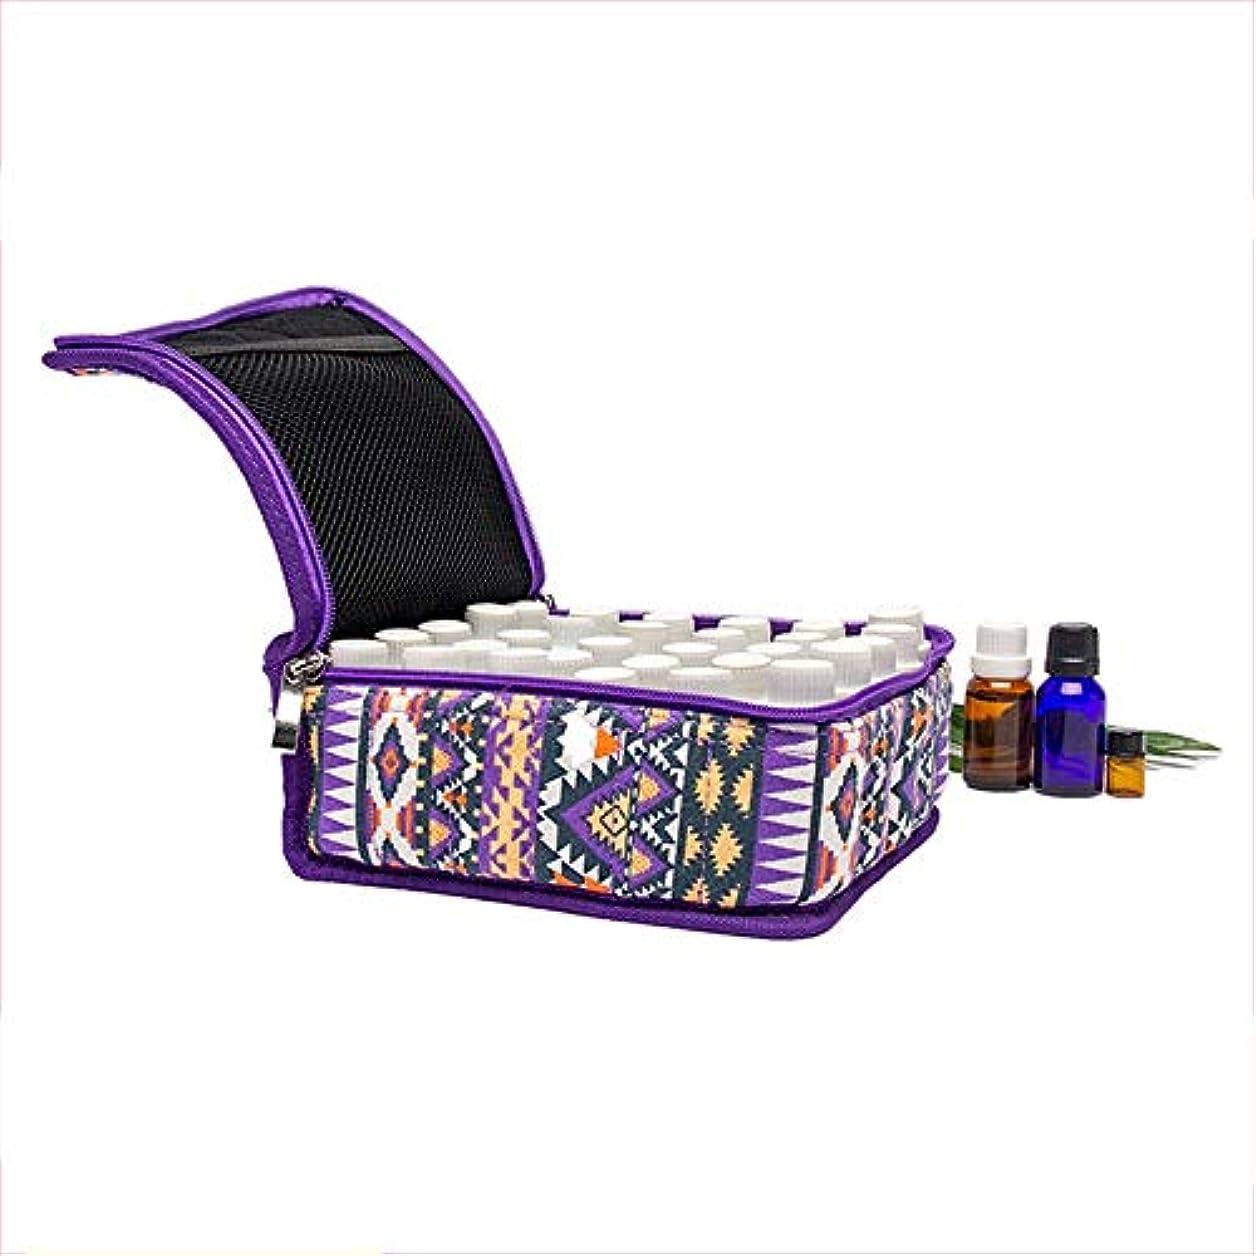 しないでください半導体マウンドエッセンシャルオイル収納ボックス エッセンシャルオイル収納ケース旅行エッセンシャルオイルキャリングケースは、30本のボトル10ミリリットルバイアルエッセンシャルオイルオーガナイザーバッグを開催します (色 : 紫の, サイズ...